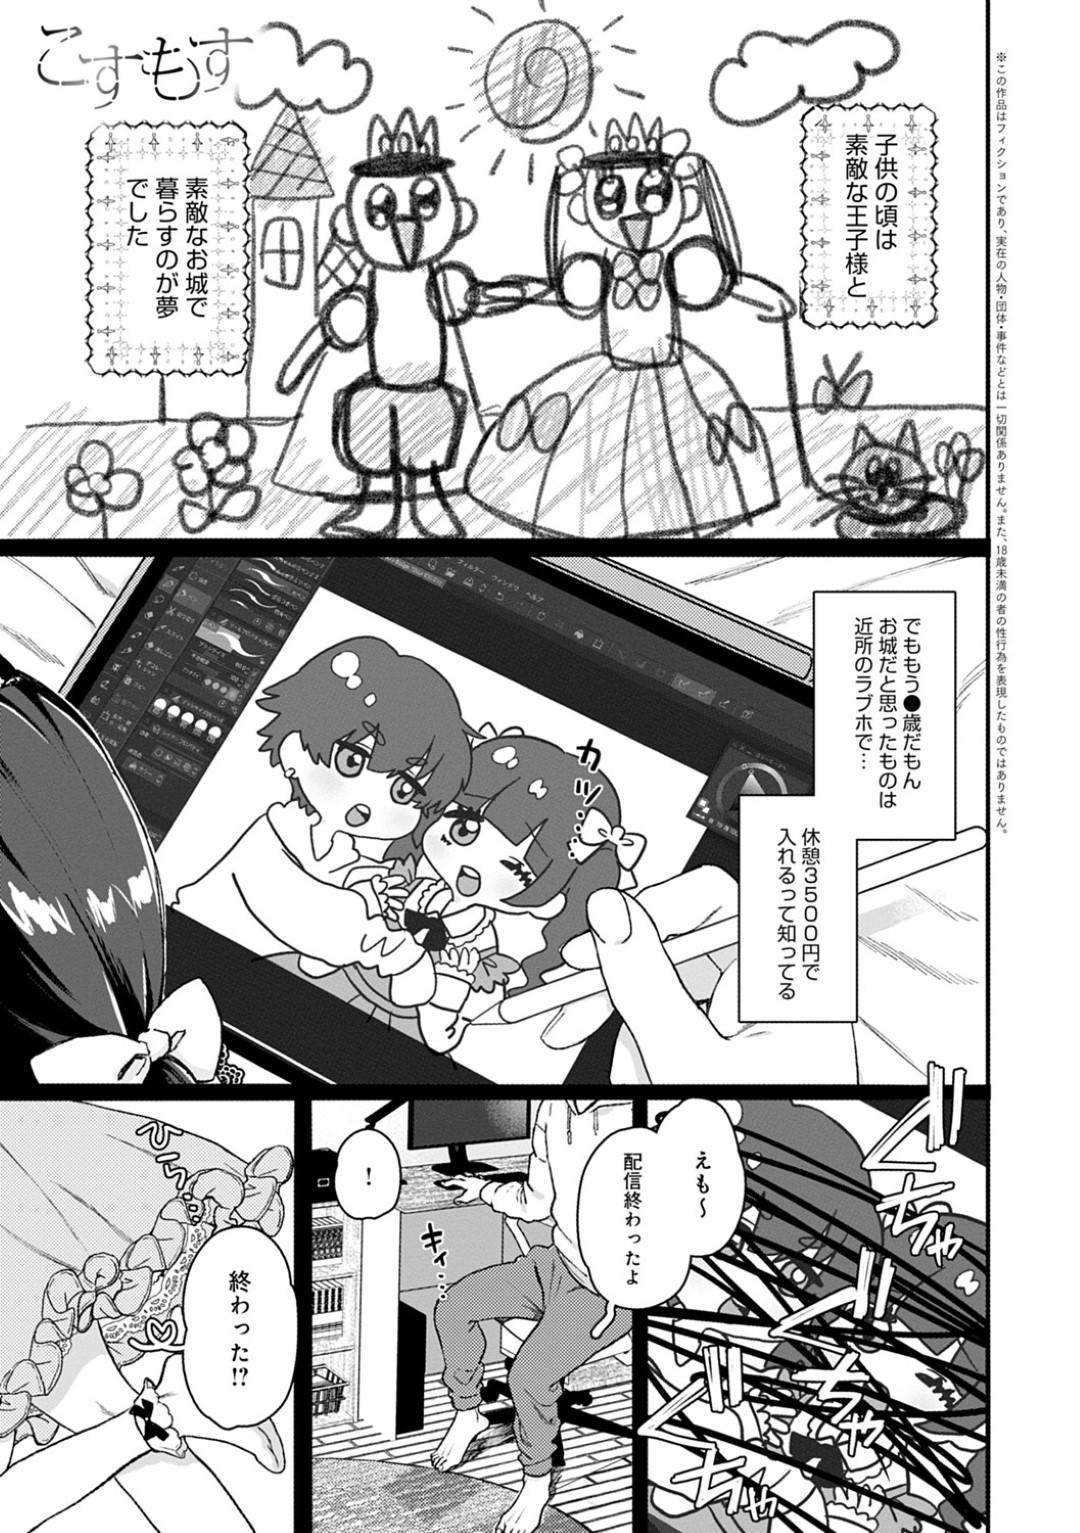 【エロ漫画】王子様と慕う大好きな彼にご褒美をねだるロリ系美少女…配信者の彼と隠れて付き合う日々のモヤモヤが爆発してSNSに決定的な一枚をアップしてしまう!【やっそん義之】